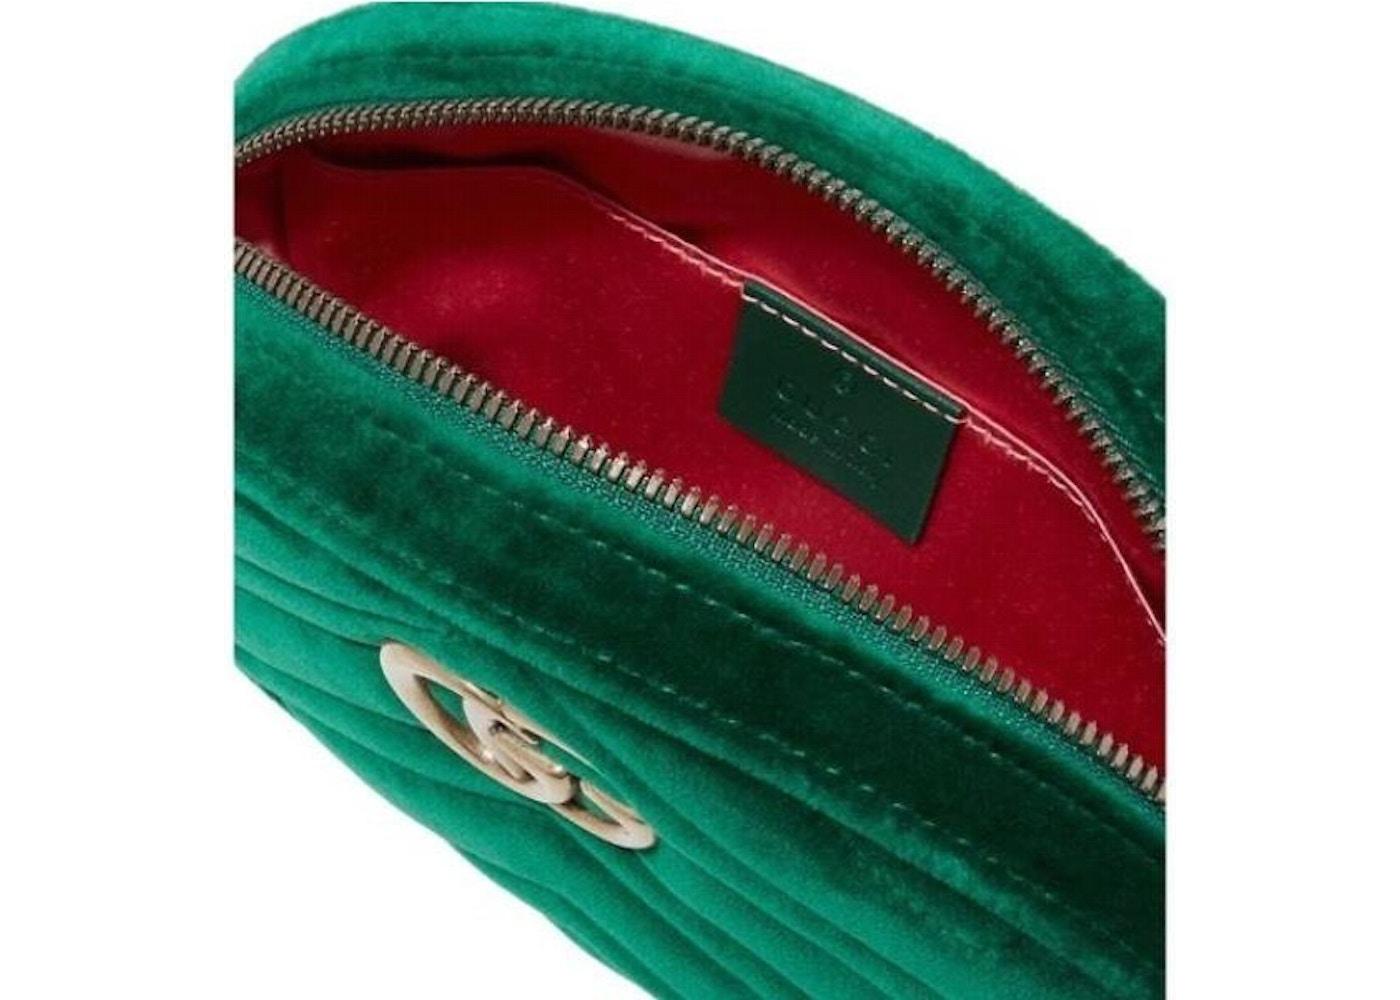 b602b3851c5 Gucci Marmont Belt Bag Matelasse Green